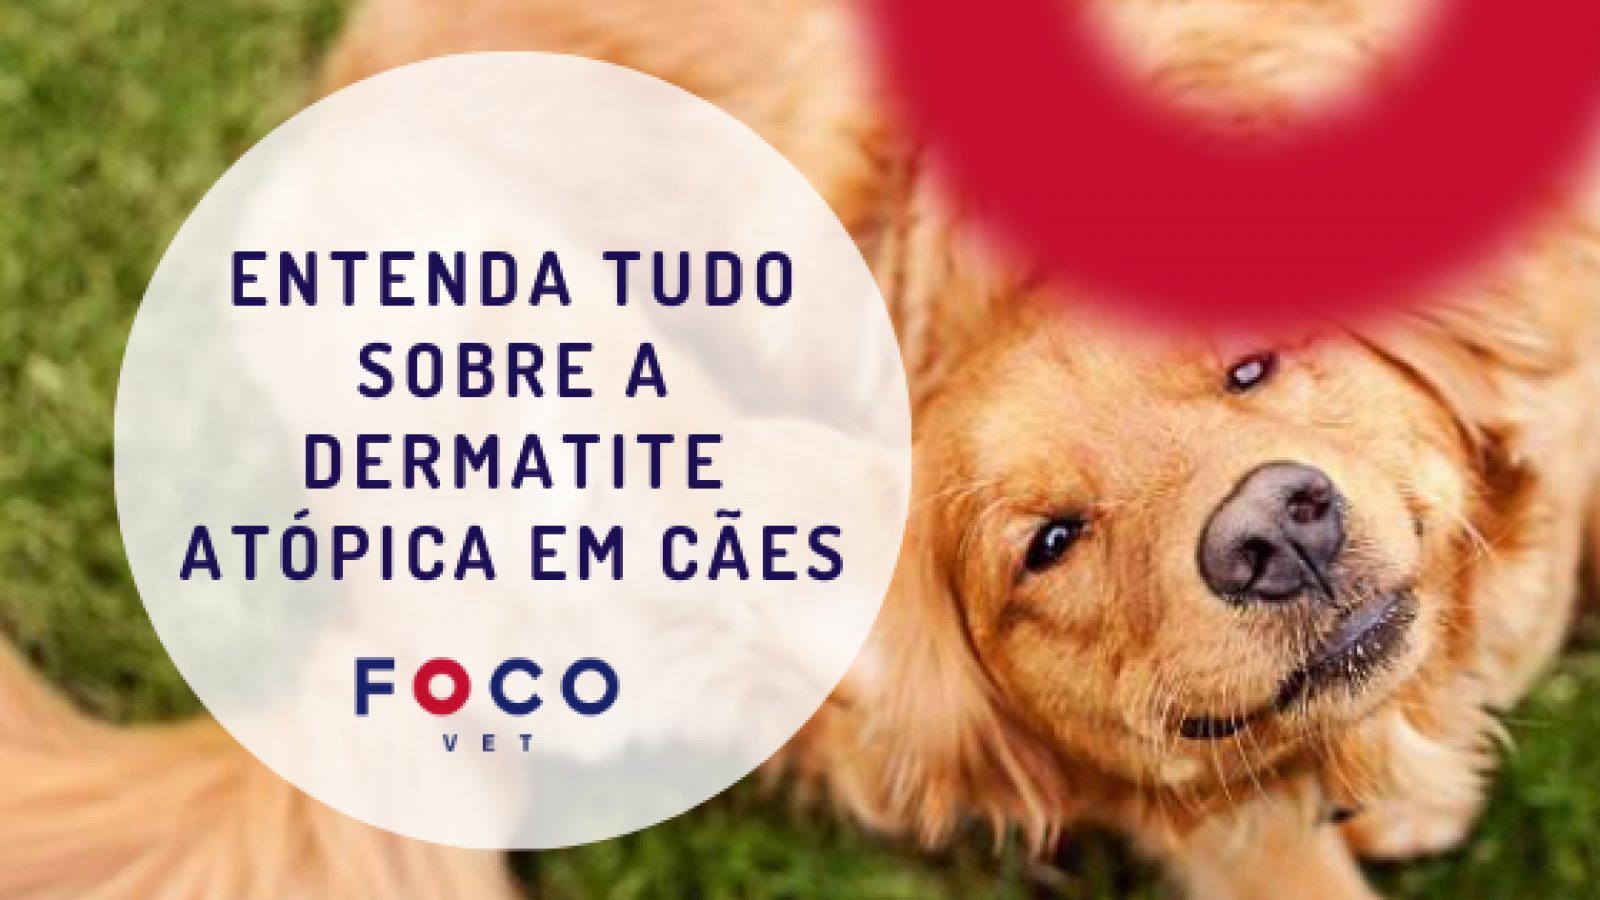 Dermatite Atópica em Cachorro